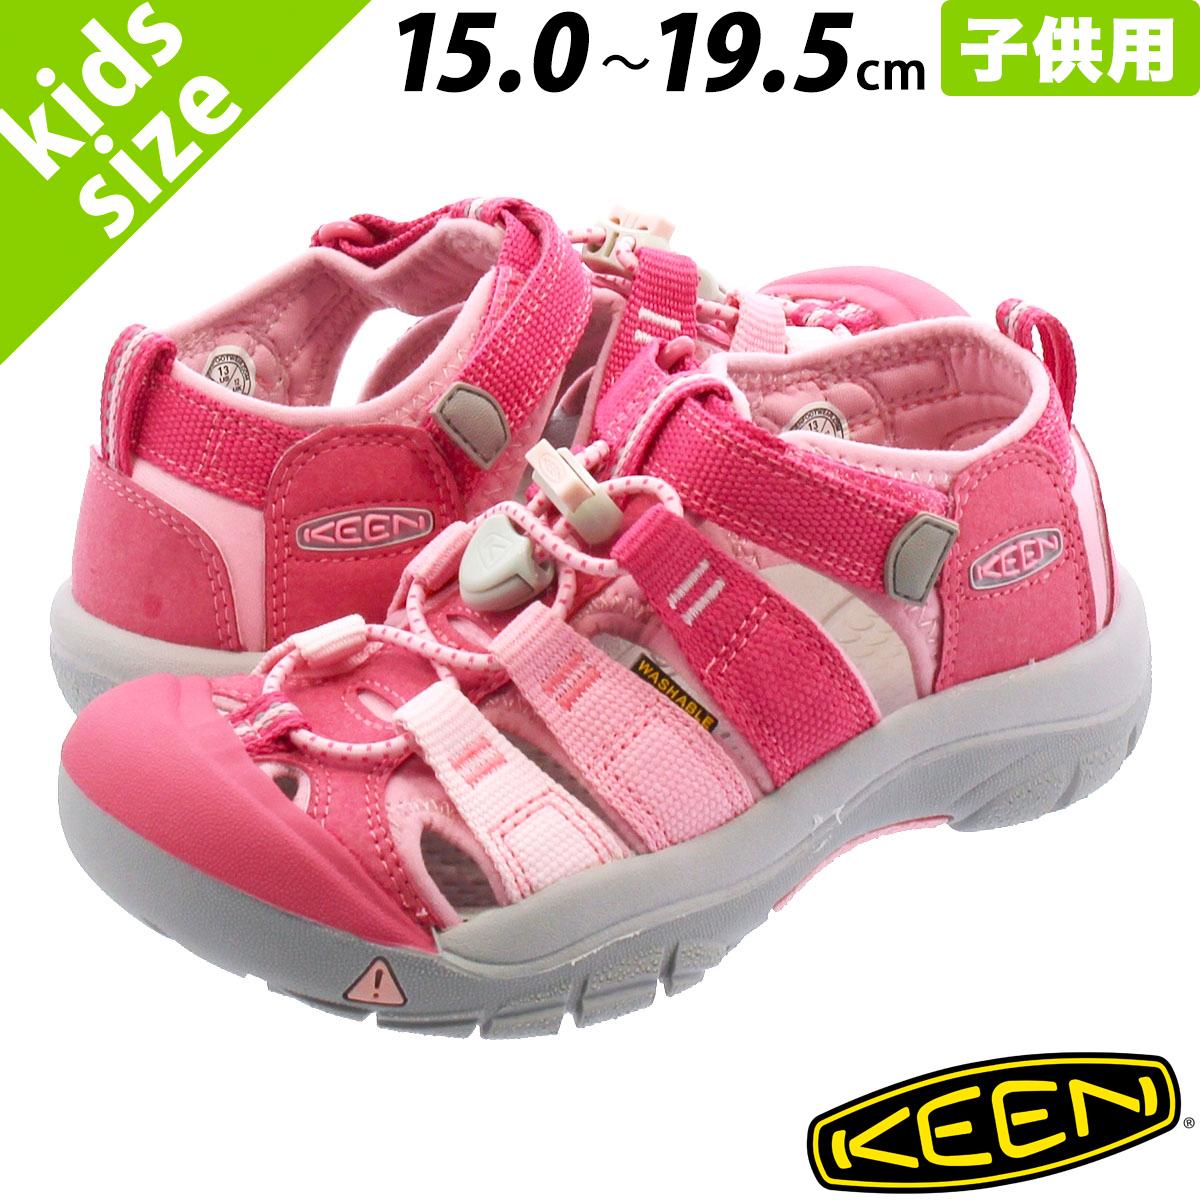 【キッズサイズ】【15.0~19.5cm】 KEEN KIDS NEWPORT H2 キーン キッズ ニューポート H2 RAPTURE ROSE/POWDER PINK 1021233